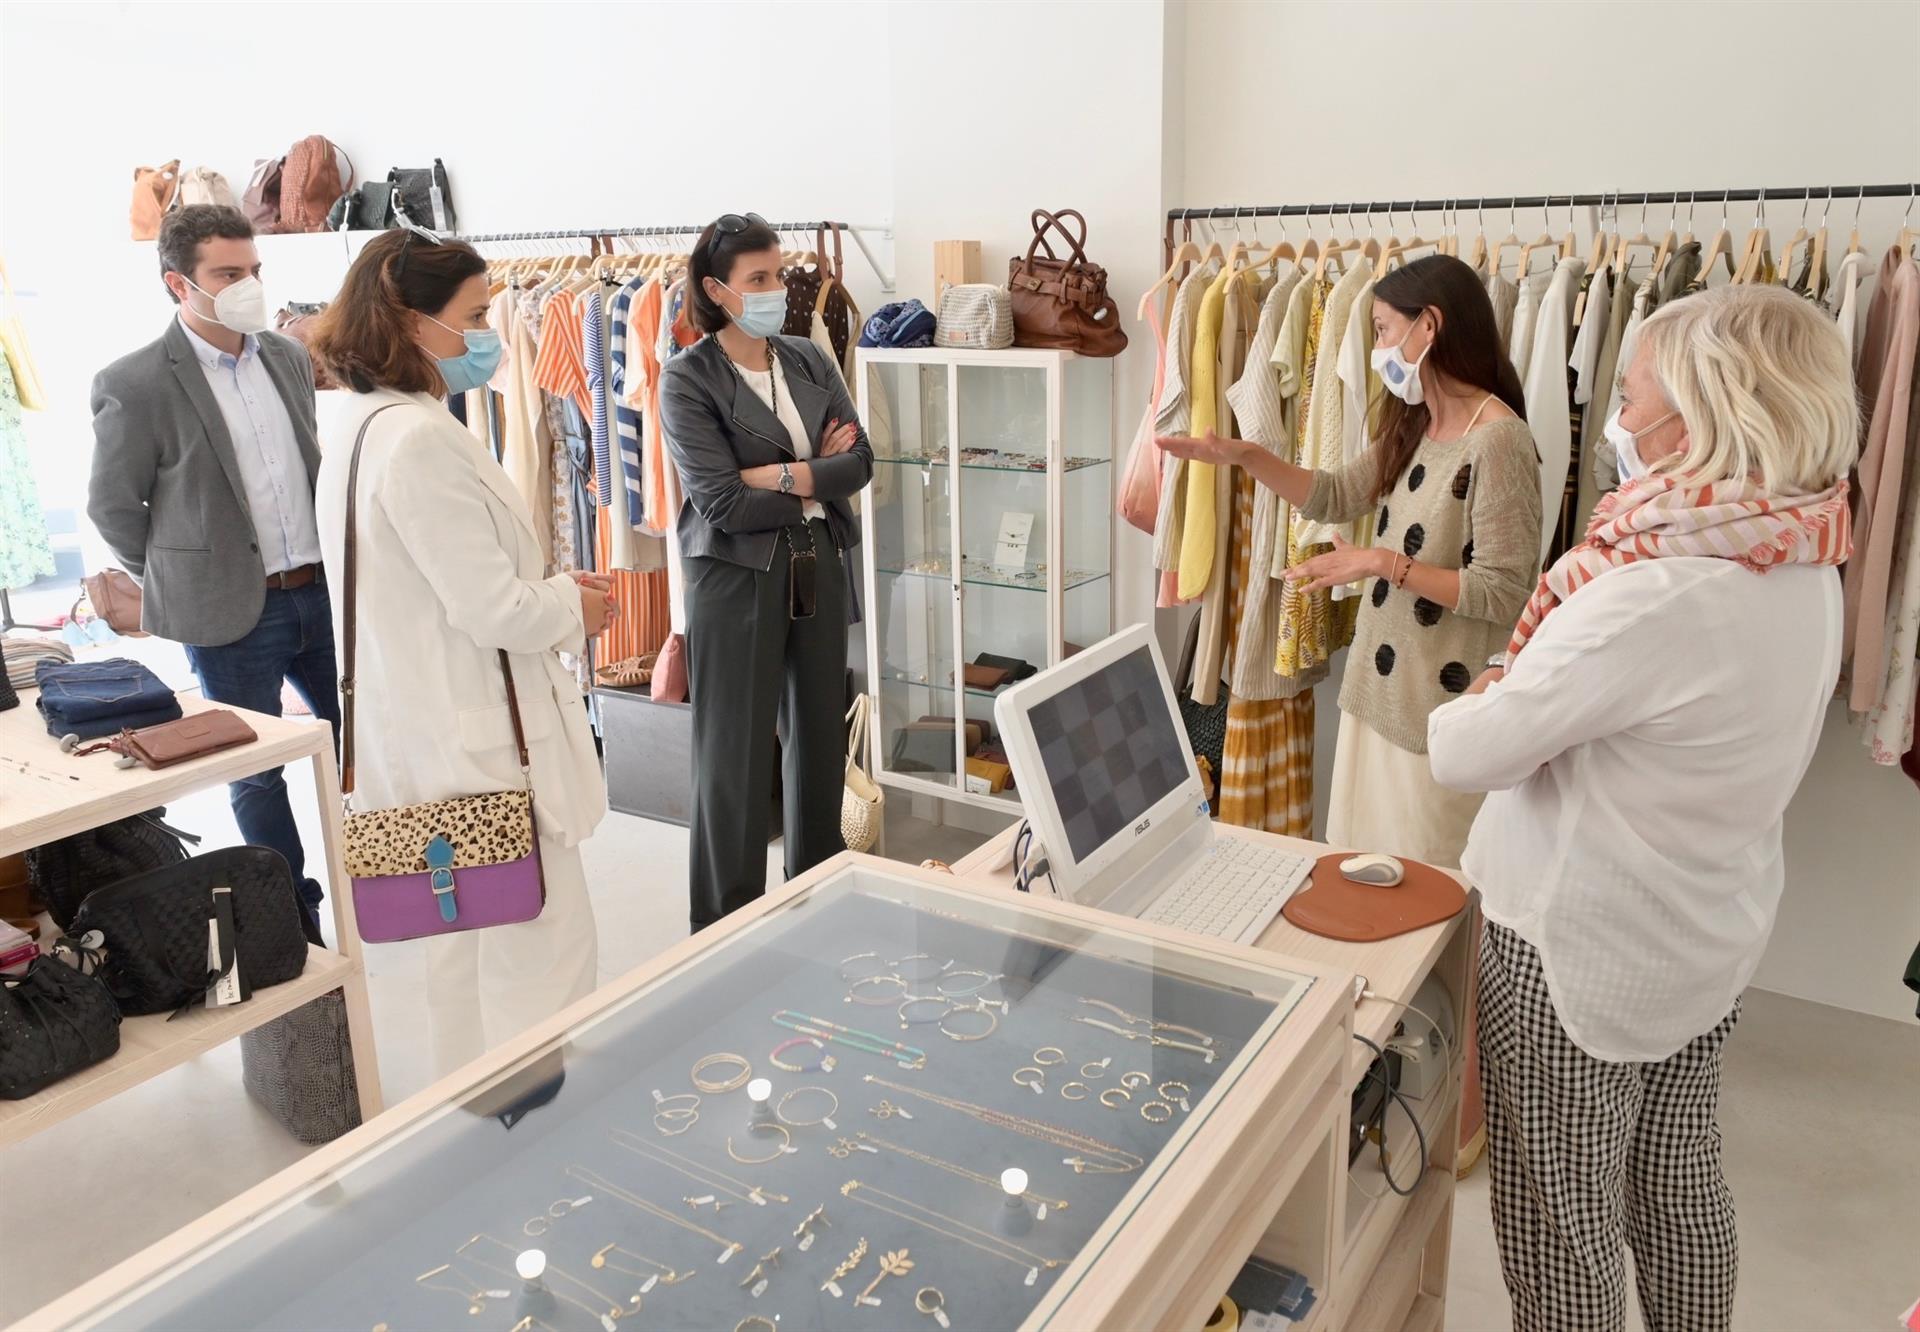 La alcaldesa de Santander visita un comercio - AYUNTAMIENTO DE SANTANDER